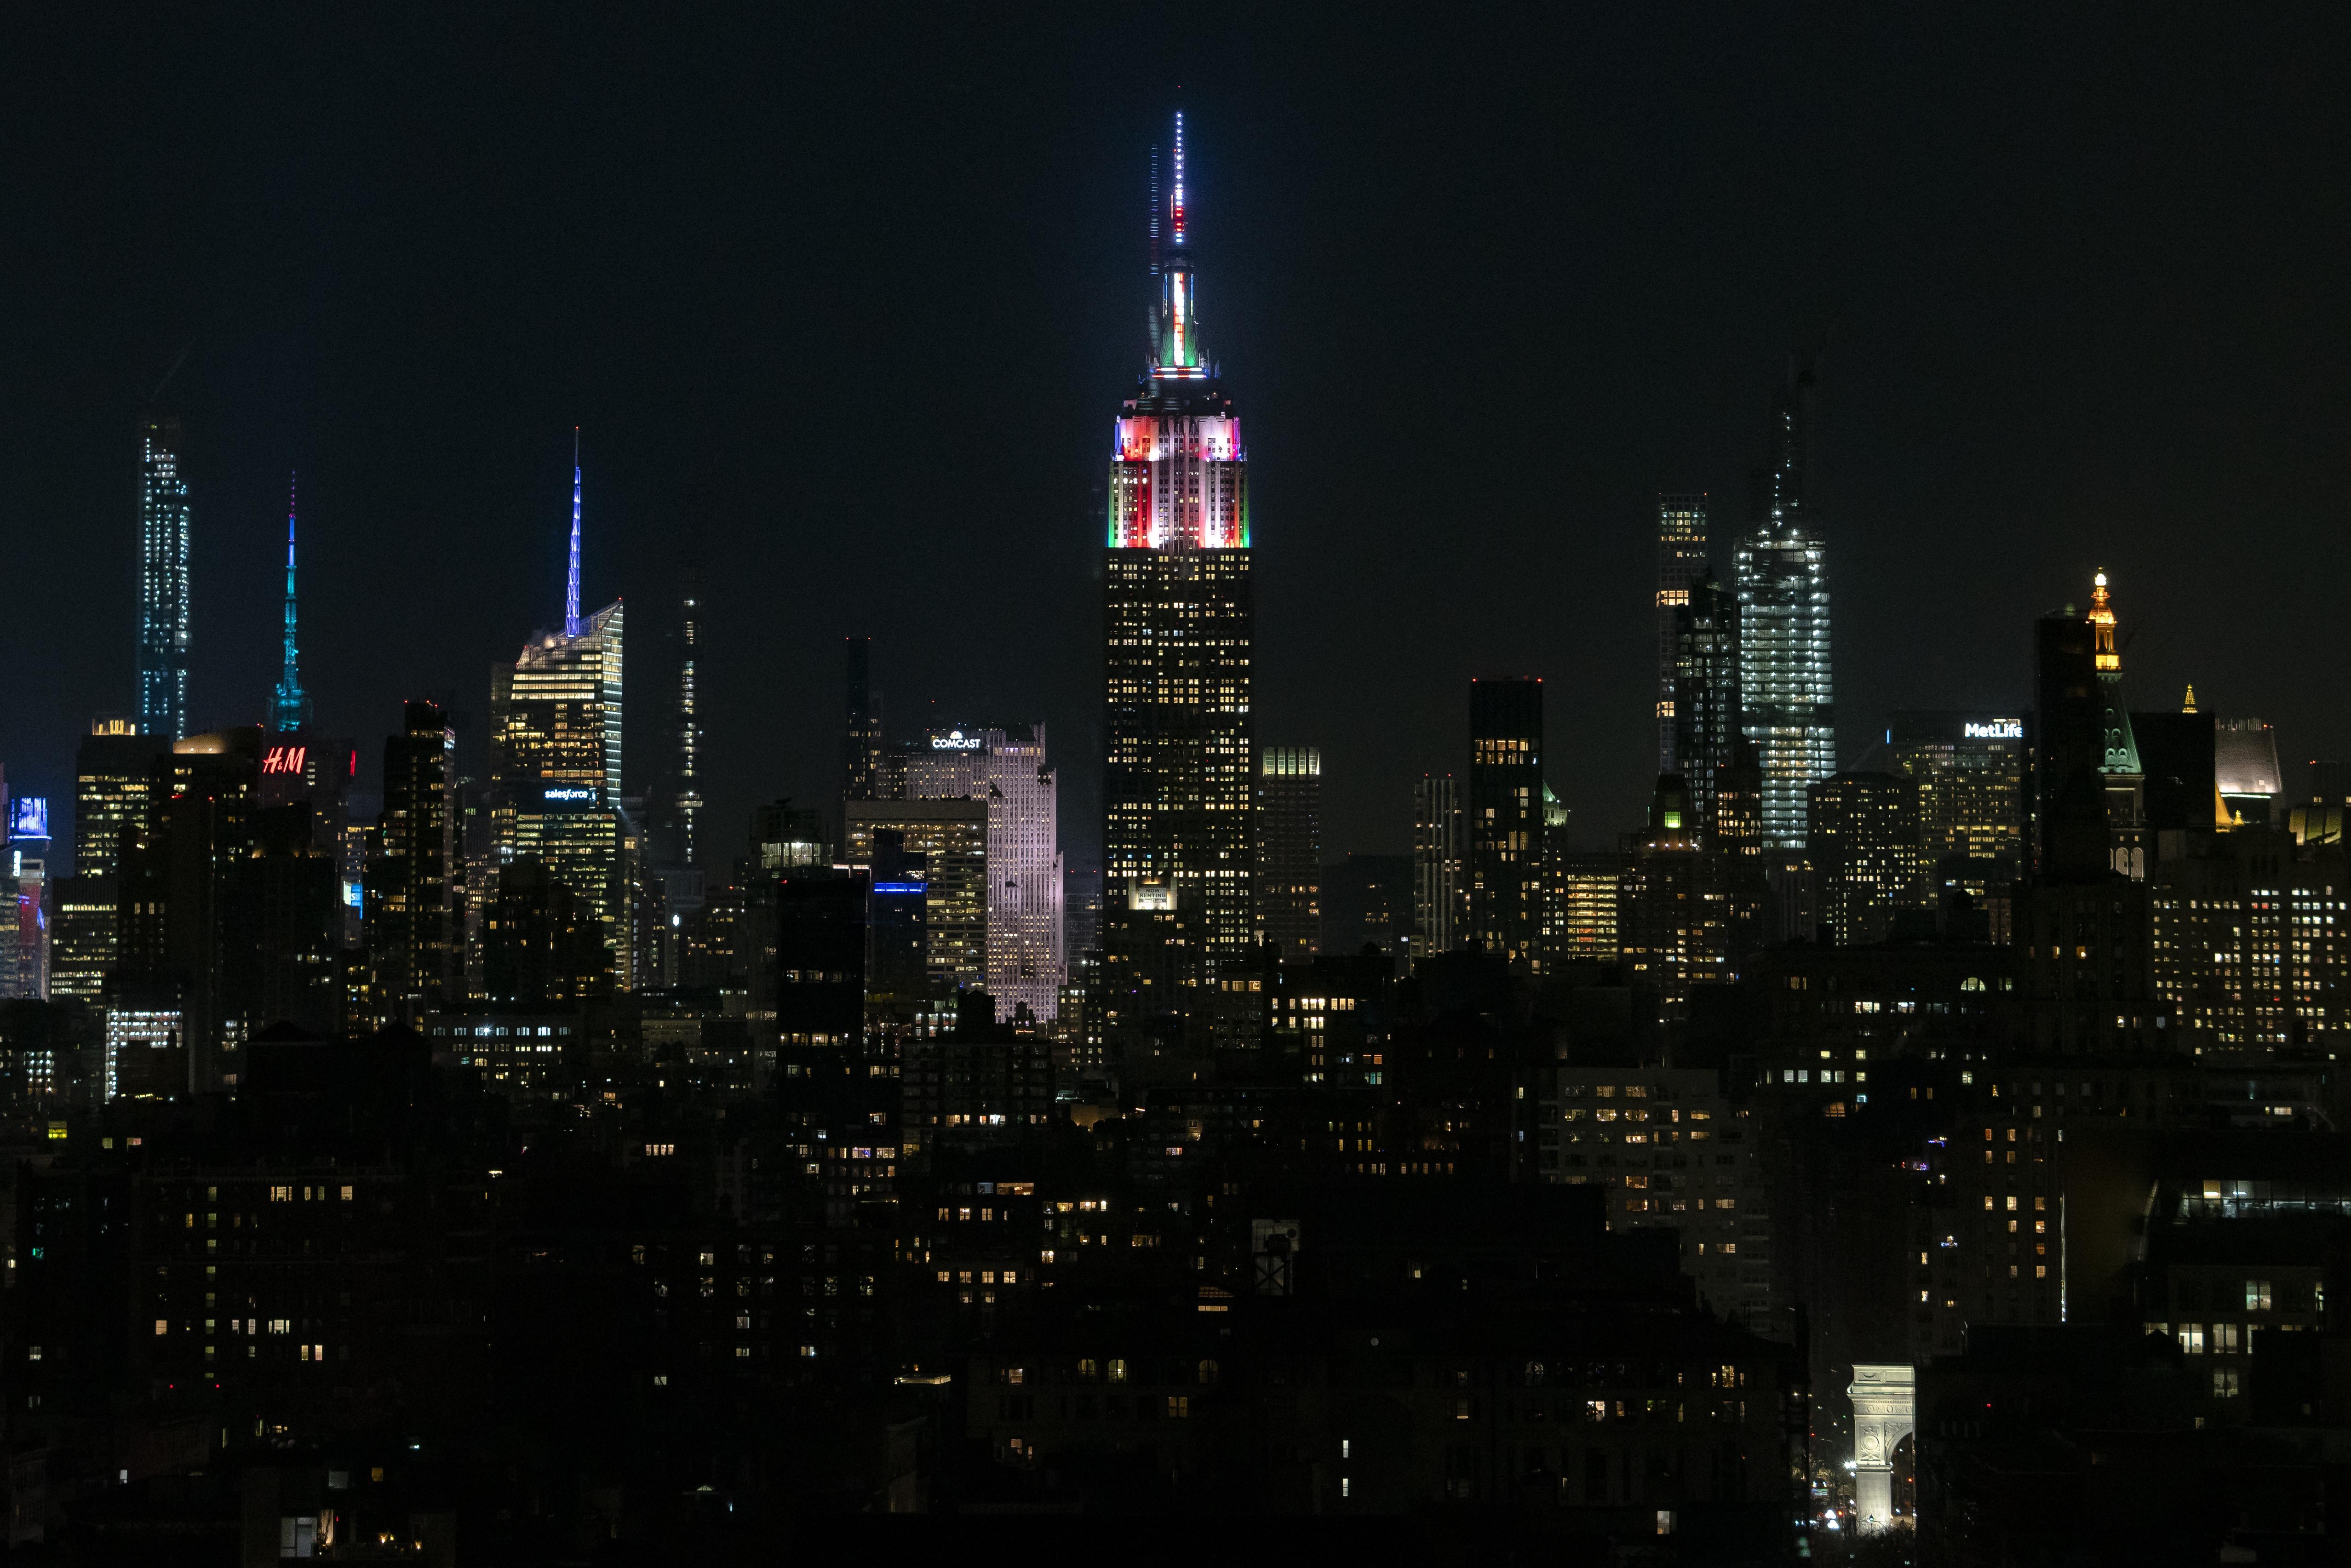 142856壁紙のダウンロードタワー, 塔, 建物, ライト, ナイト, 都市-スクリーンセーバーと写真を無料で